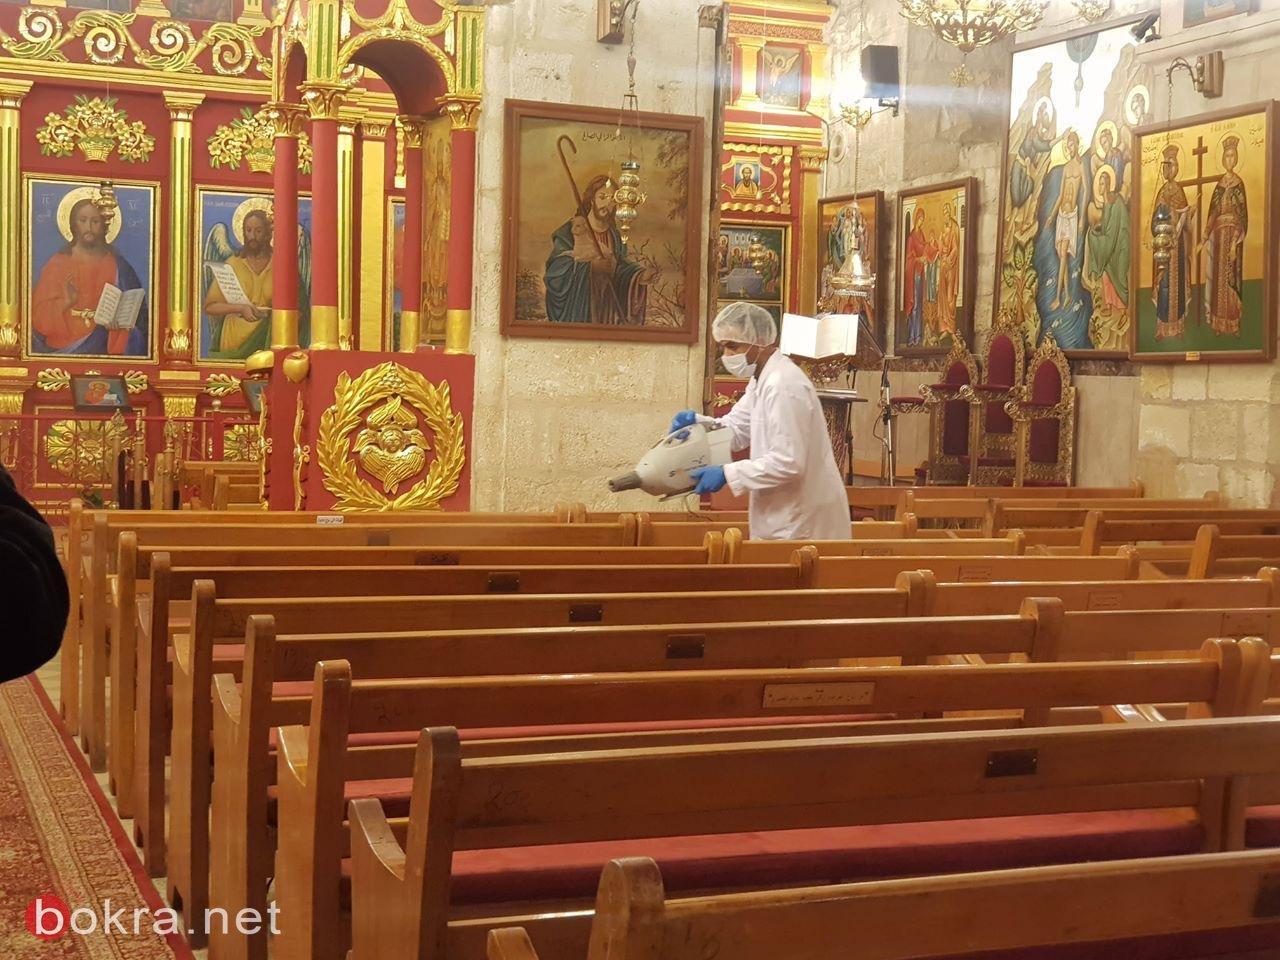 بلدية رام الله تباشر بتعقيم المساجد والكنائس وبيوت المسنين